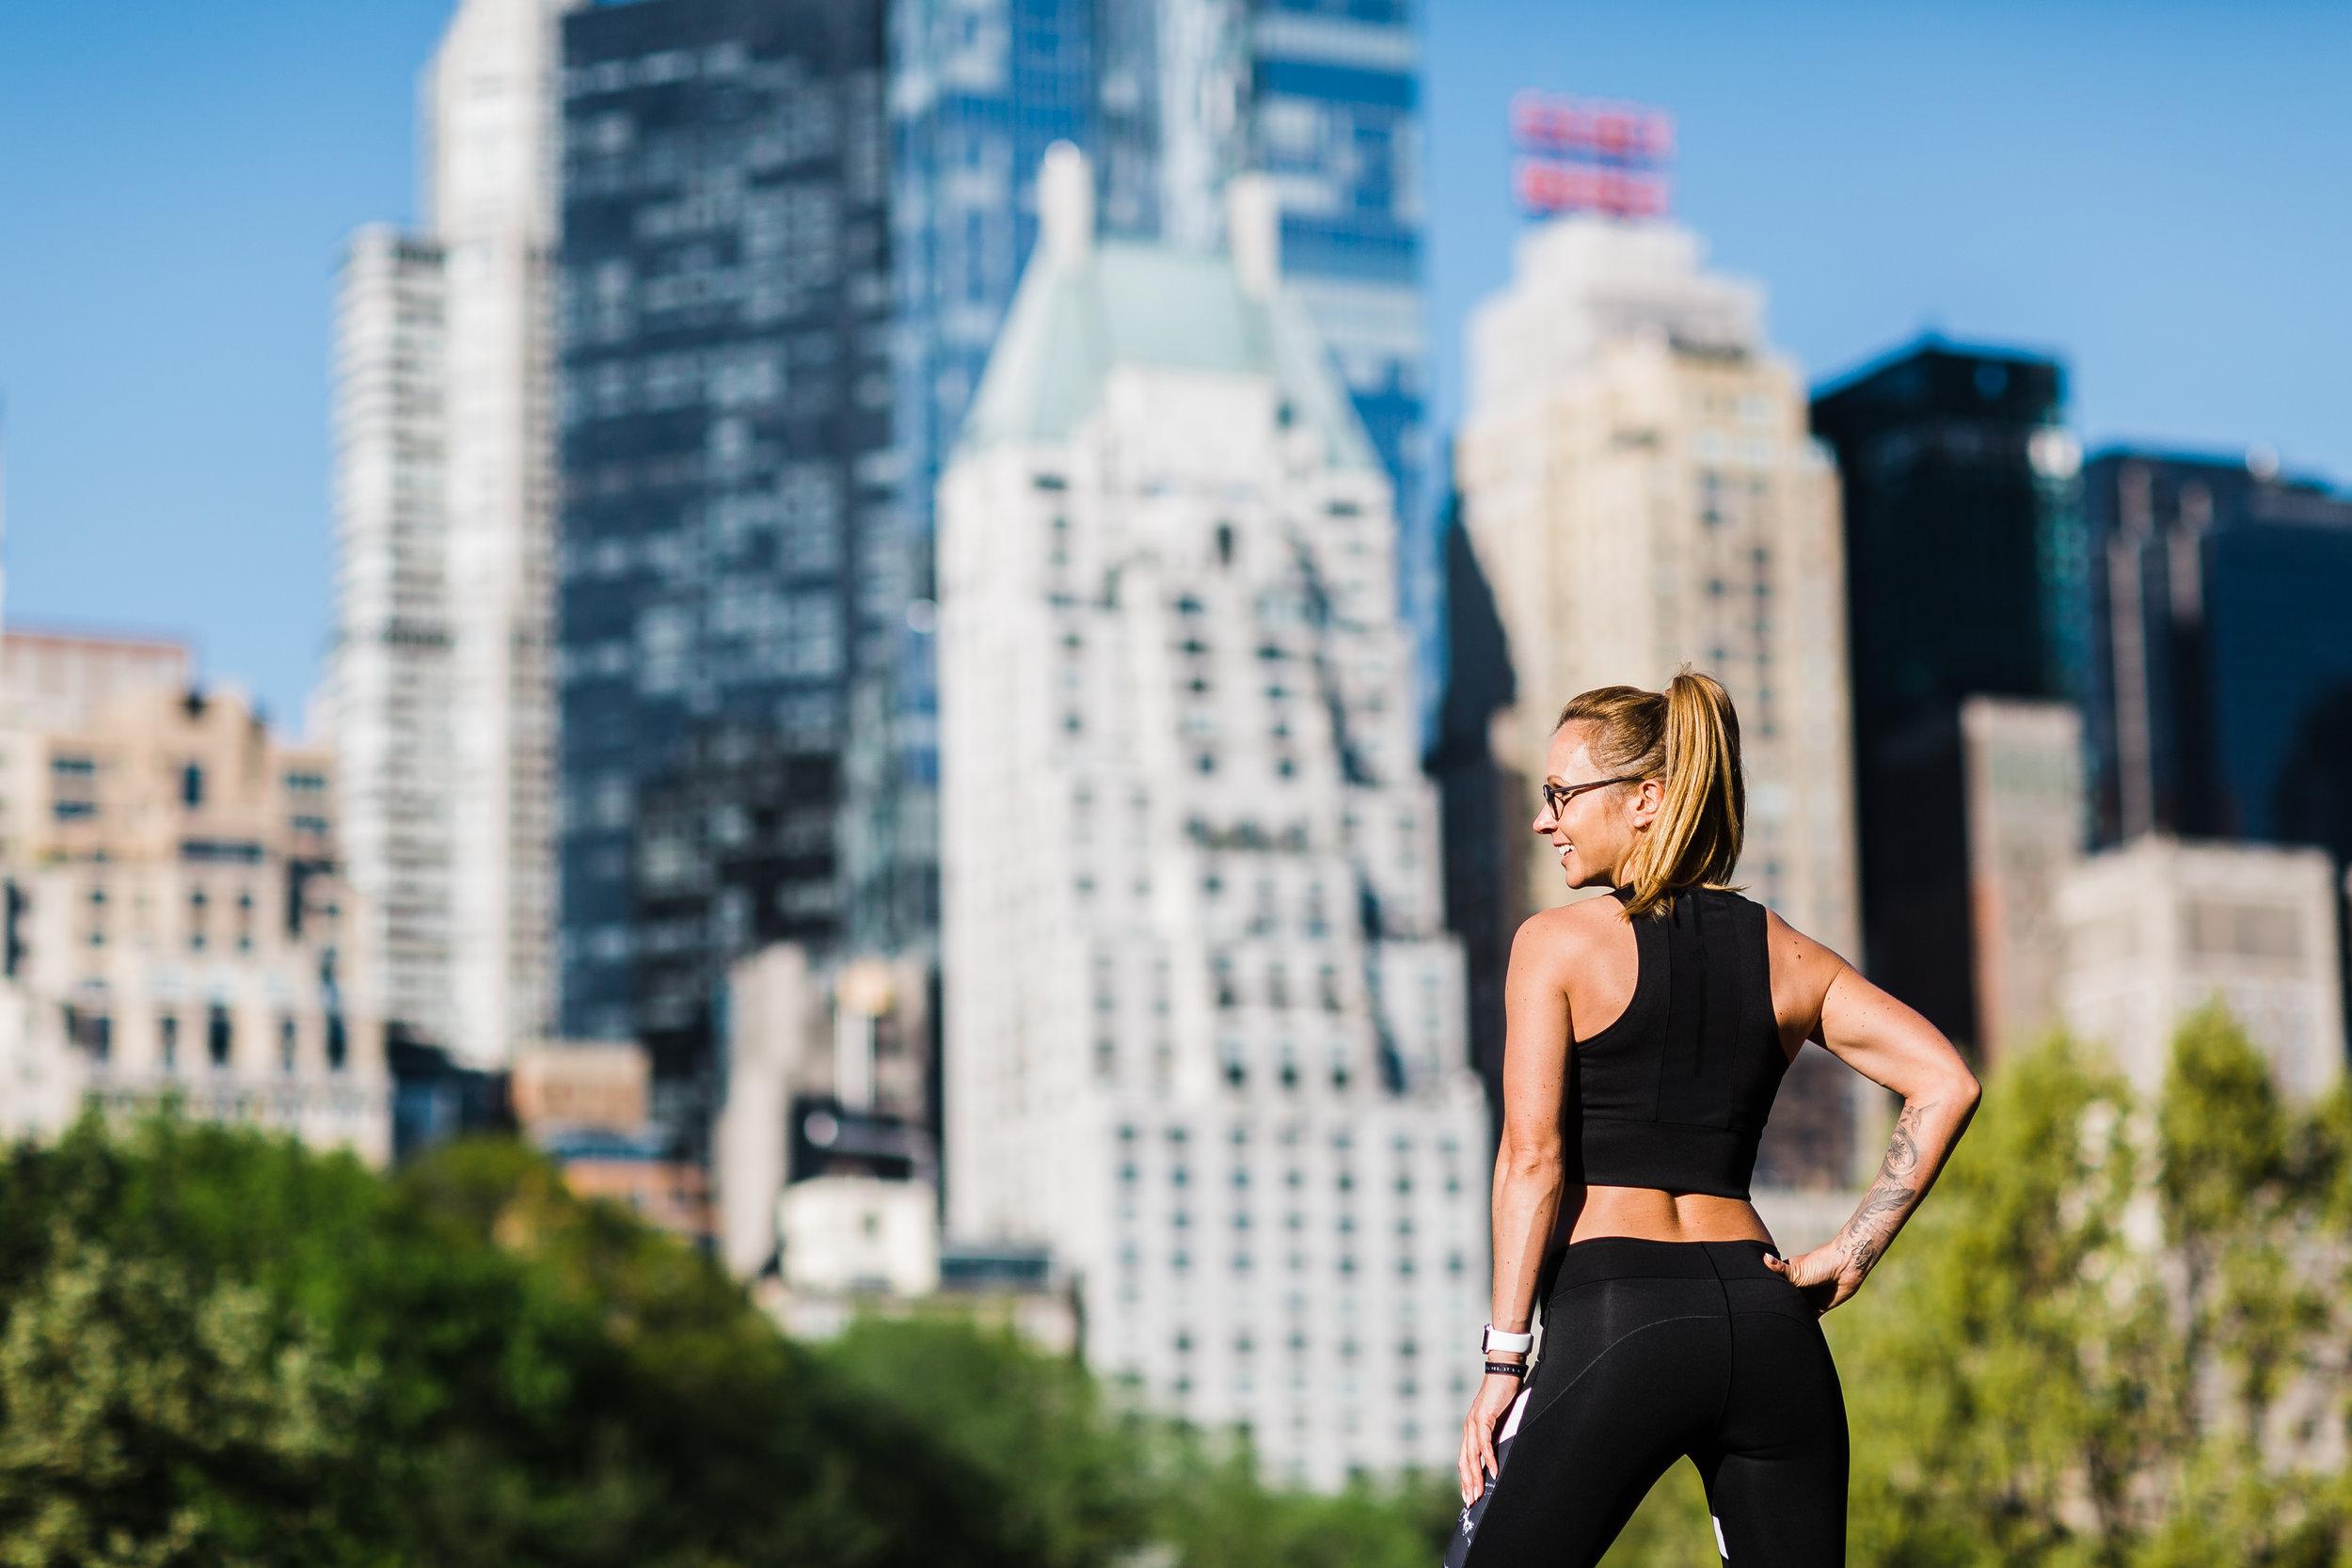 Sabrina at Central Park. Photo by  Frerk Hopf Photography .